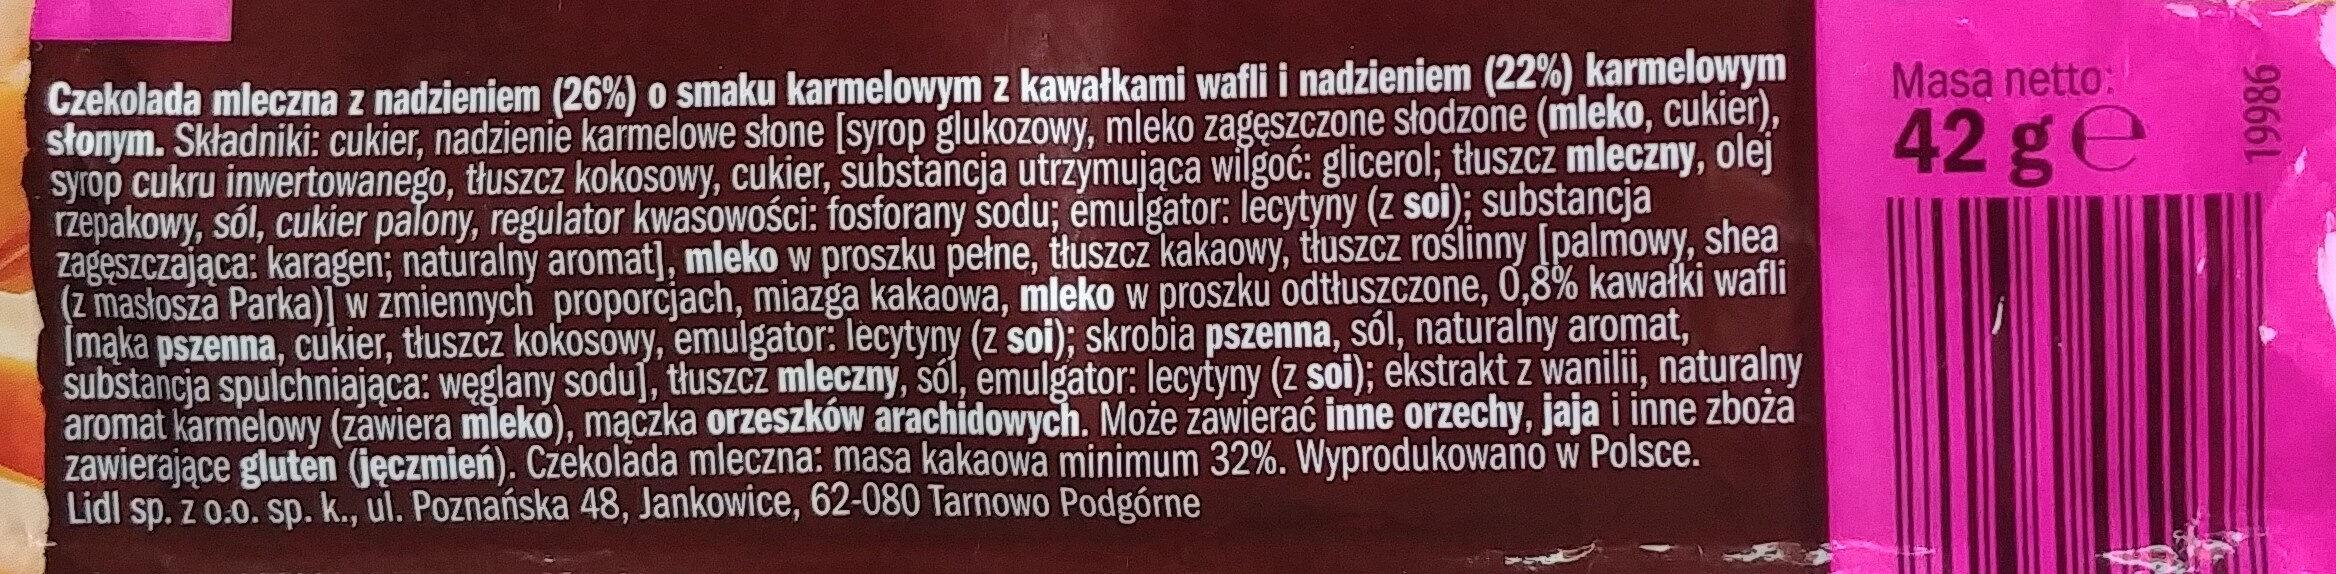 Czekolada mleczna z nadzieniem (26%) o smaku karmelowym z kawałkami wafli i nadzieniem (22%) karmelowym słonym - Składniki - pl